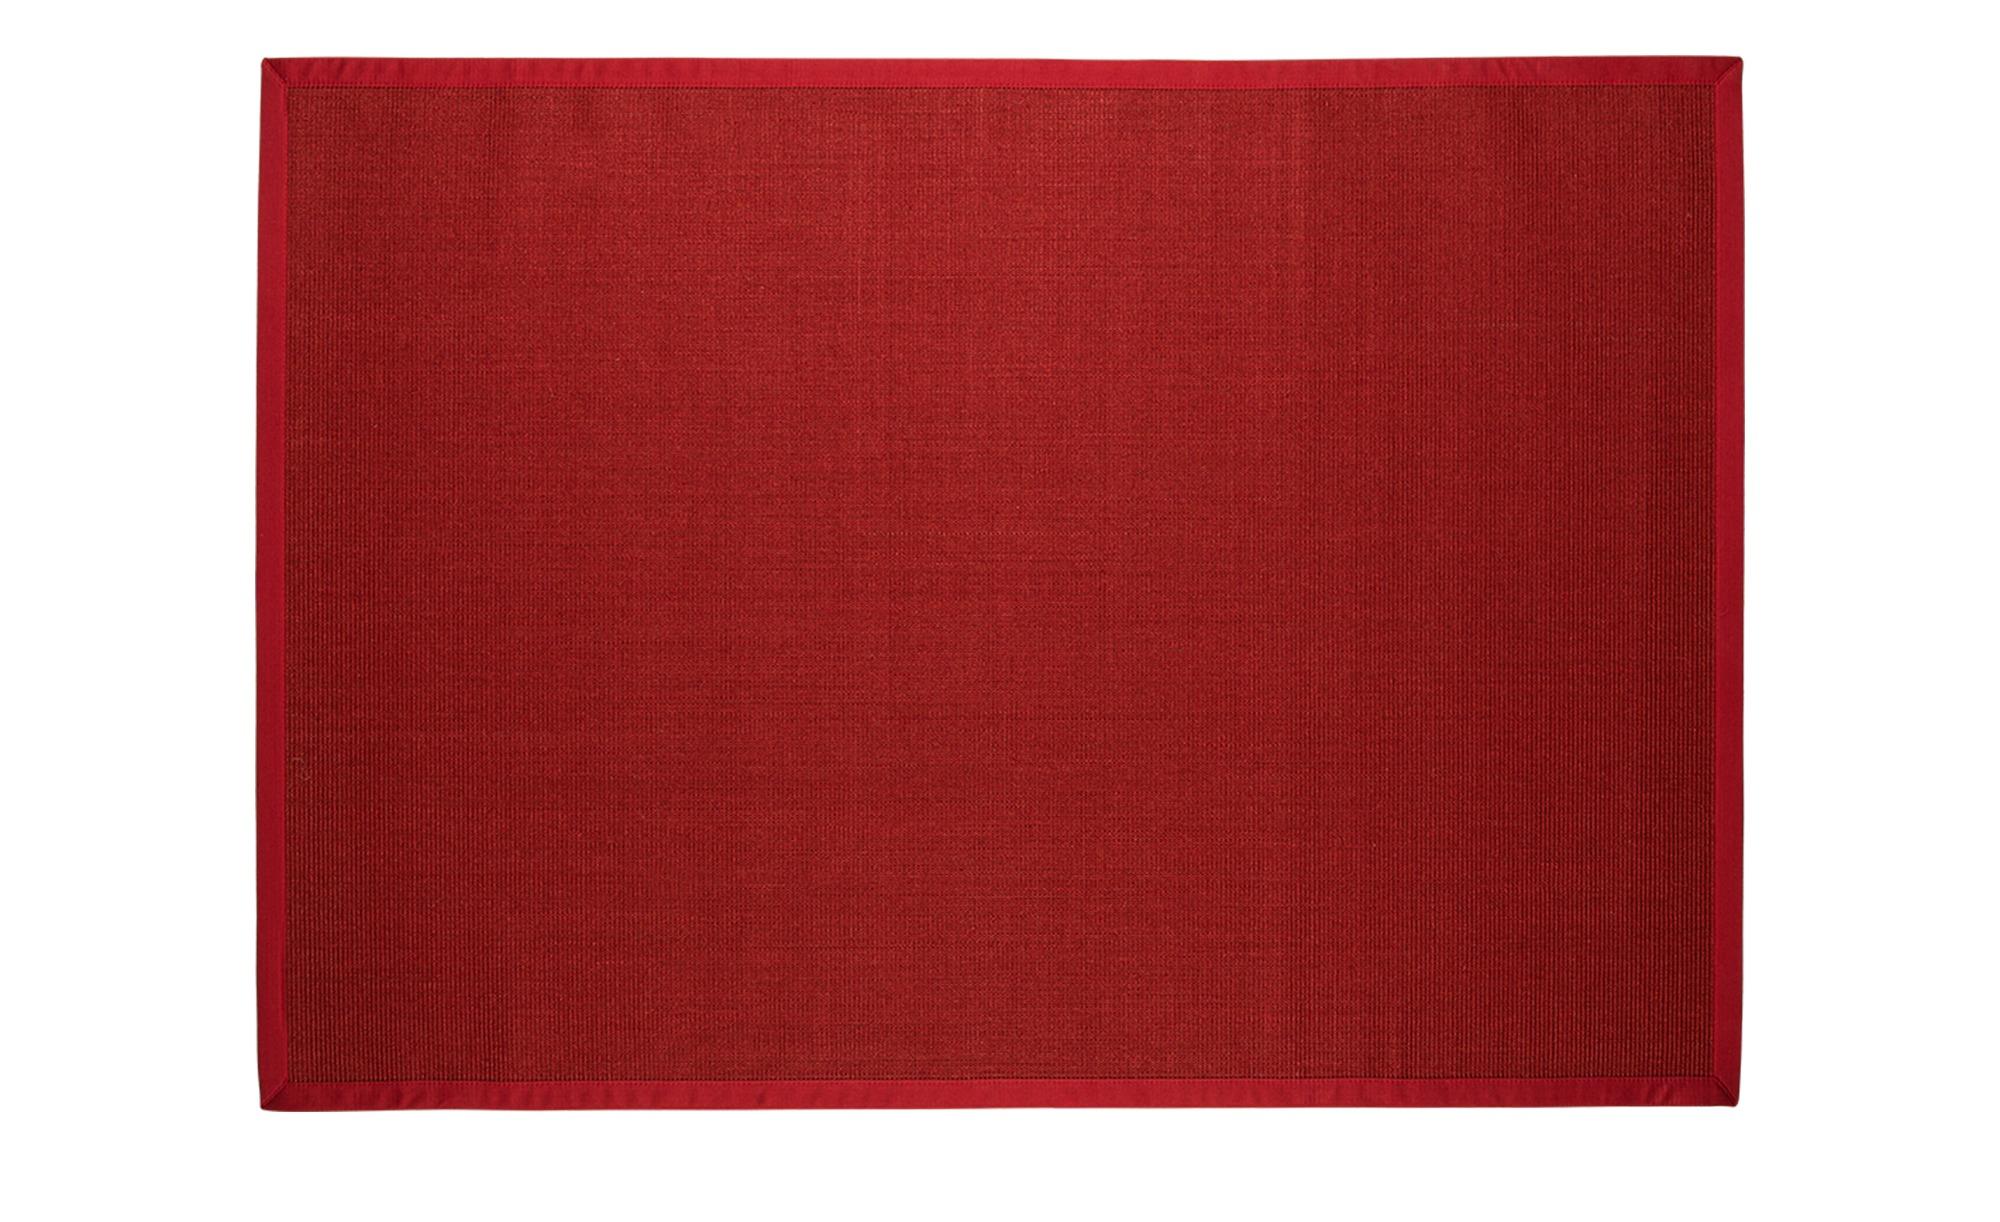 Sisal-Teppich   Manaus ¦ rot ¦ 100 % Sisal, Sisal ¦ Maße (cm): B: 65 Teppiche > Wohnteppiche - Höffner